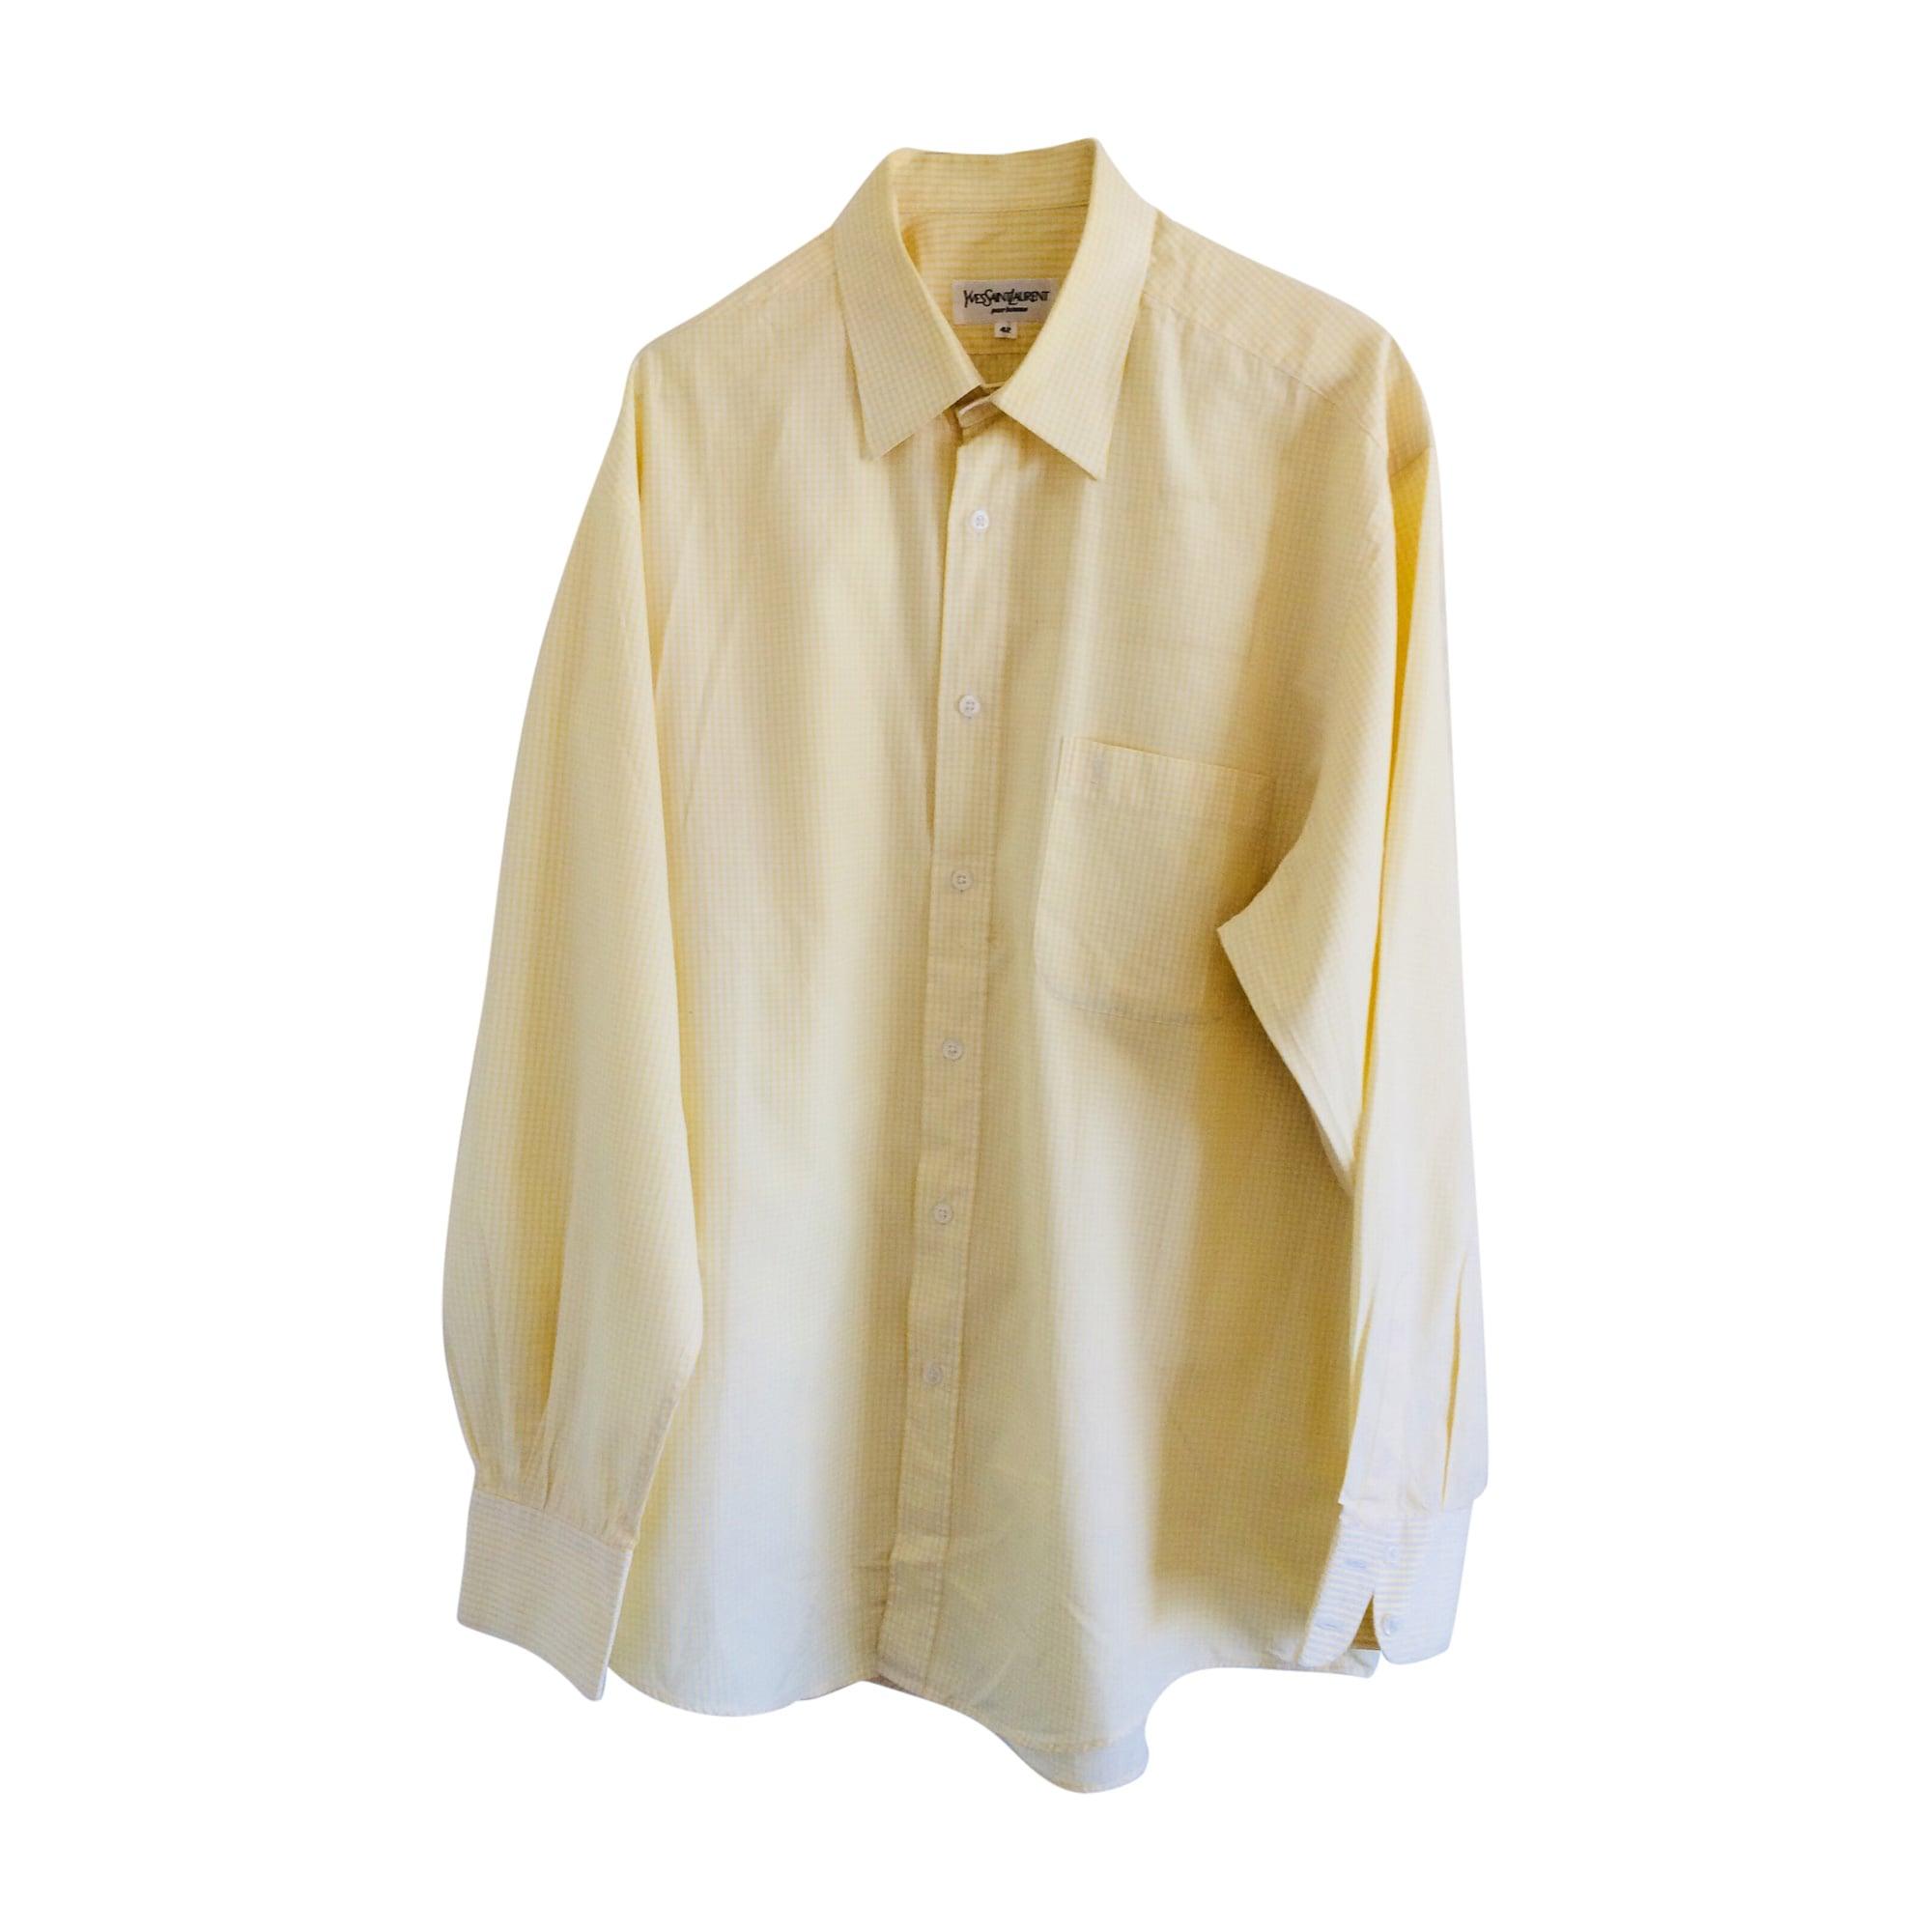 chemise yves saint laurent 41 42 l jaune vendu par clic. Black Bedroom Furniture Sets. Home Design Ideas